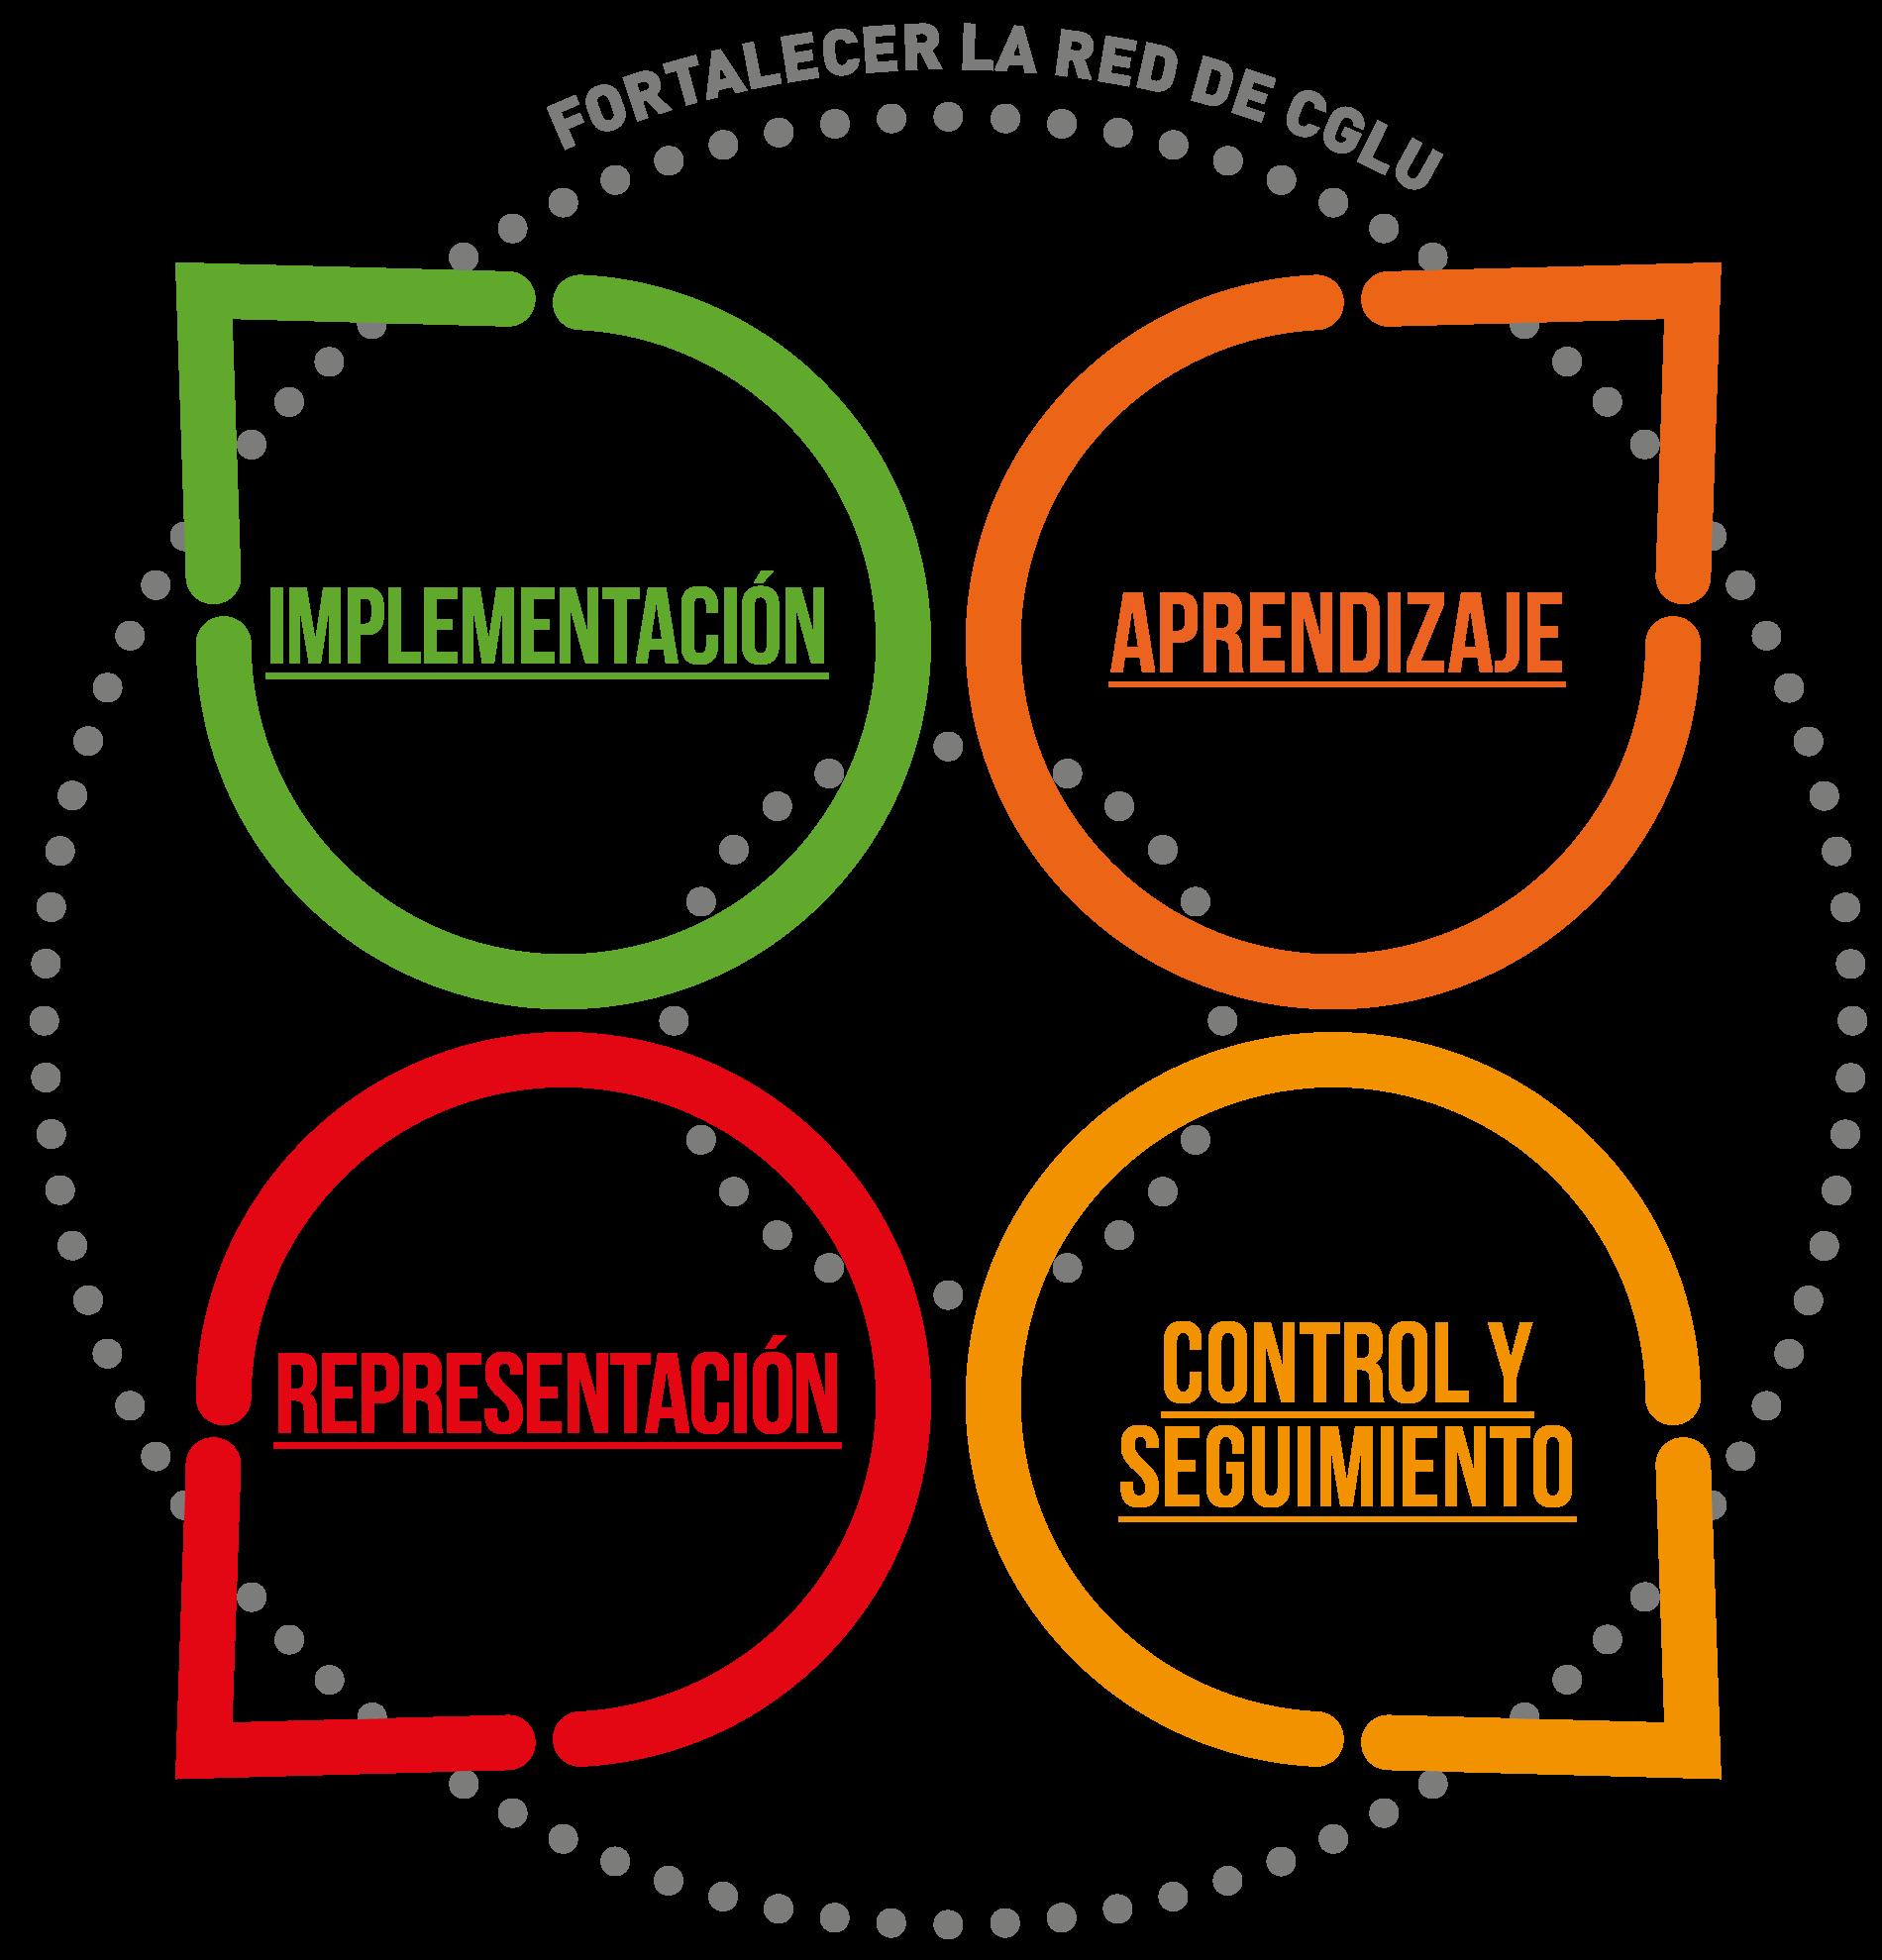 Fortalecer la red de CGLU: aprendizaje, representación, implementación, control y seguimiento